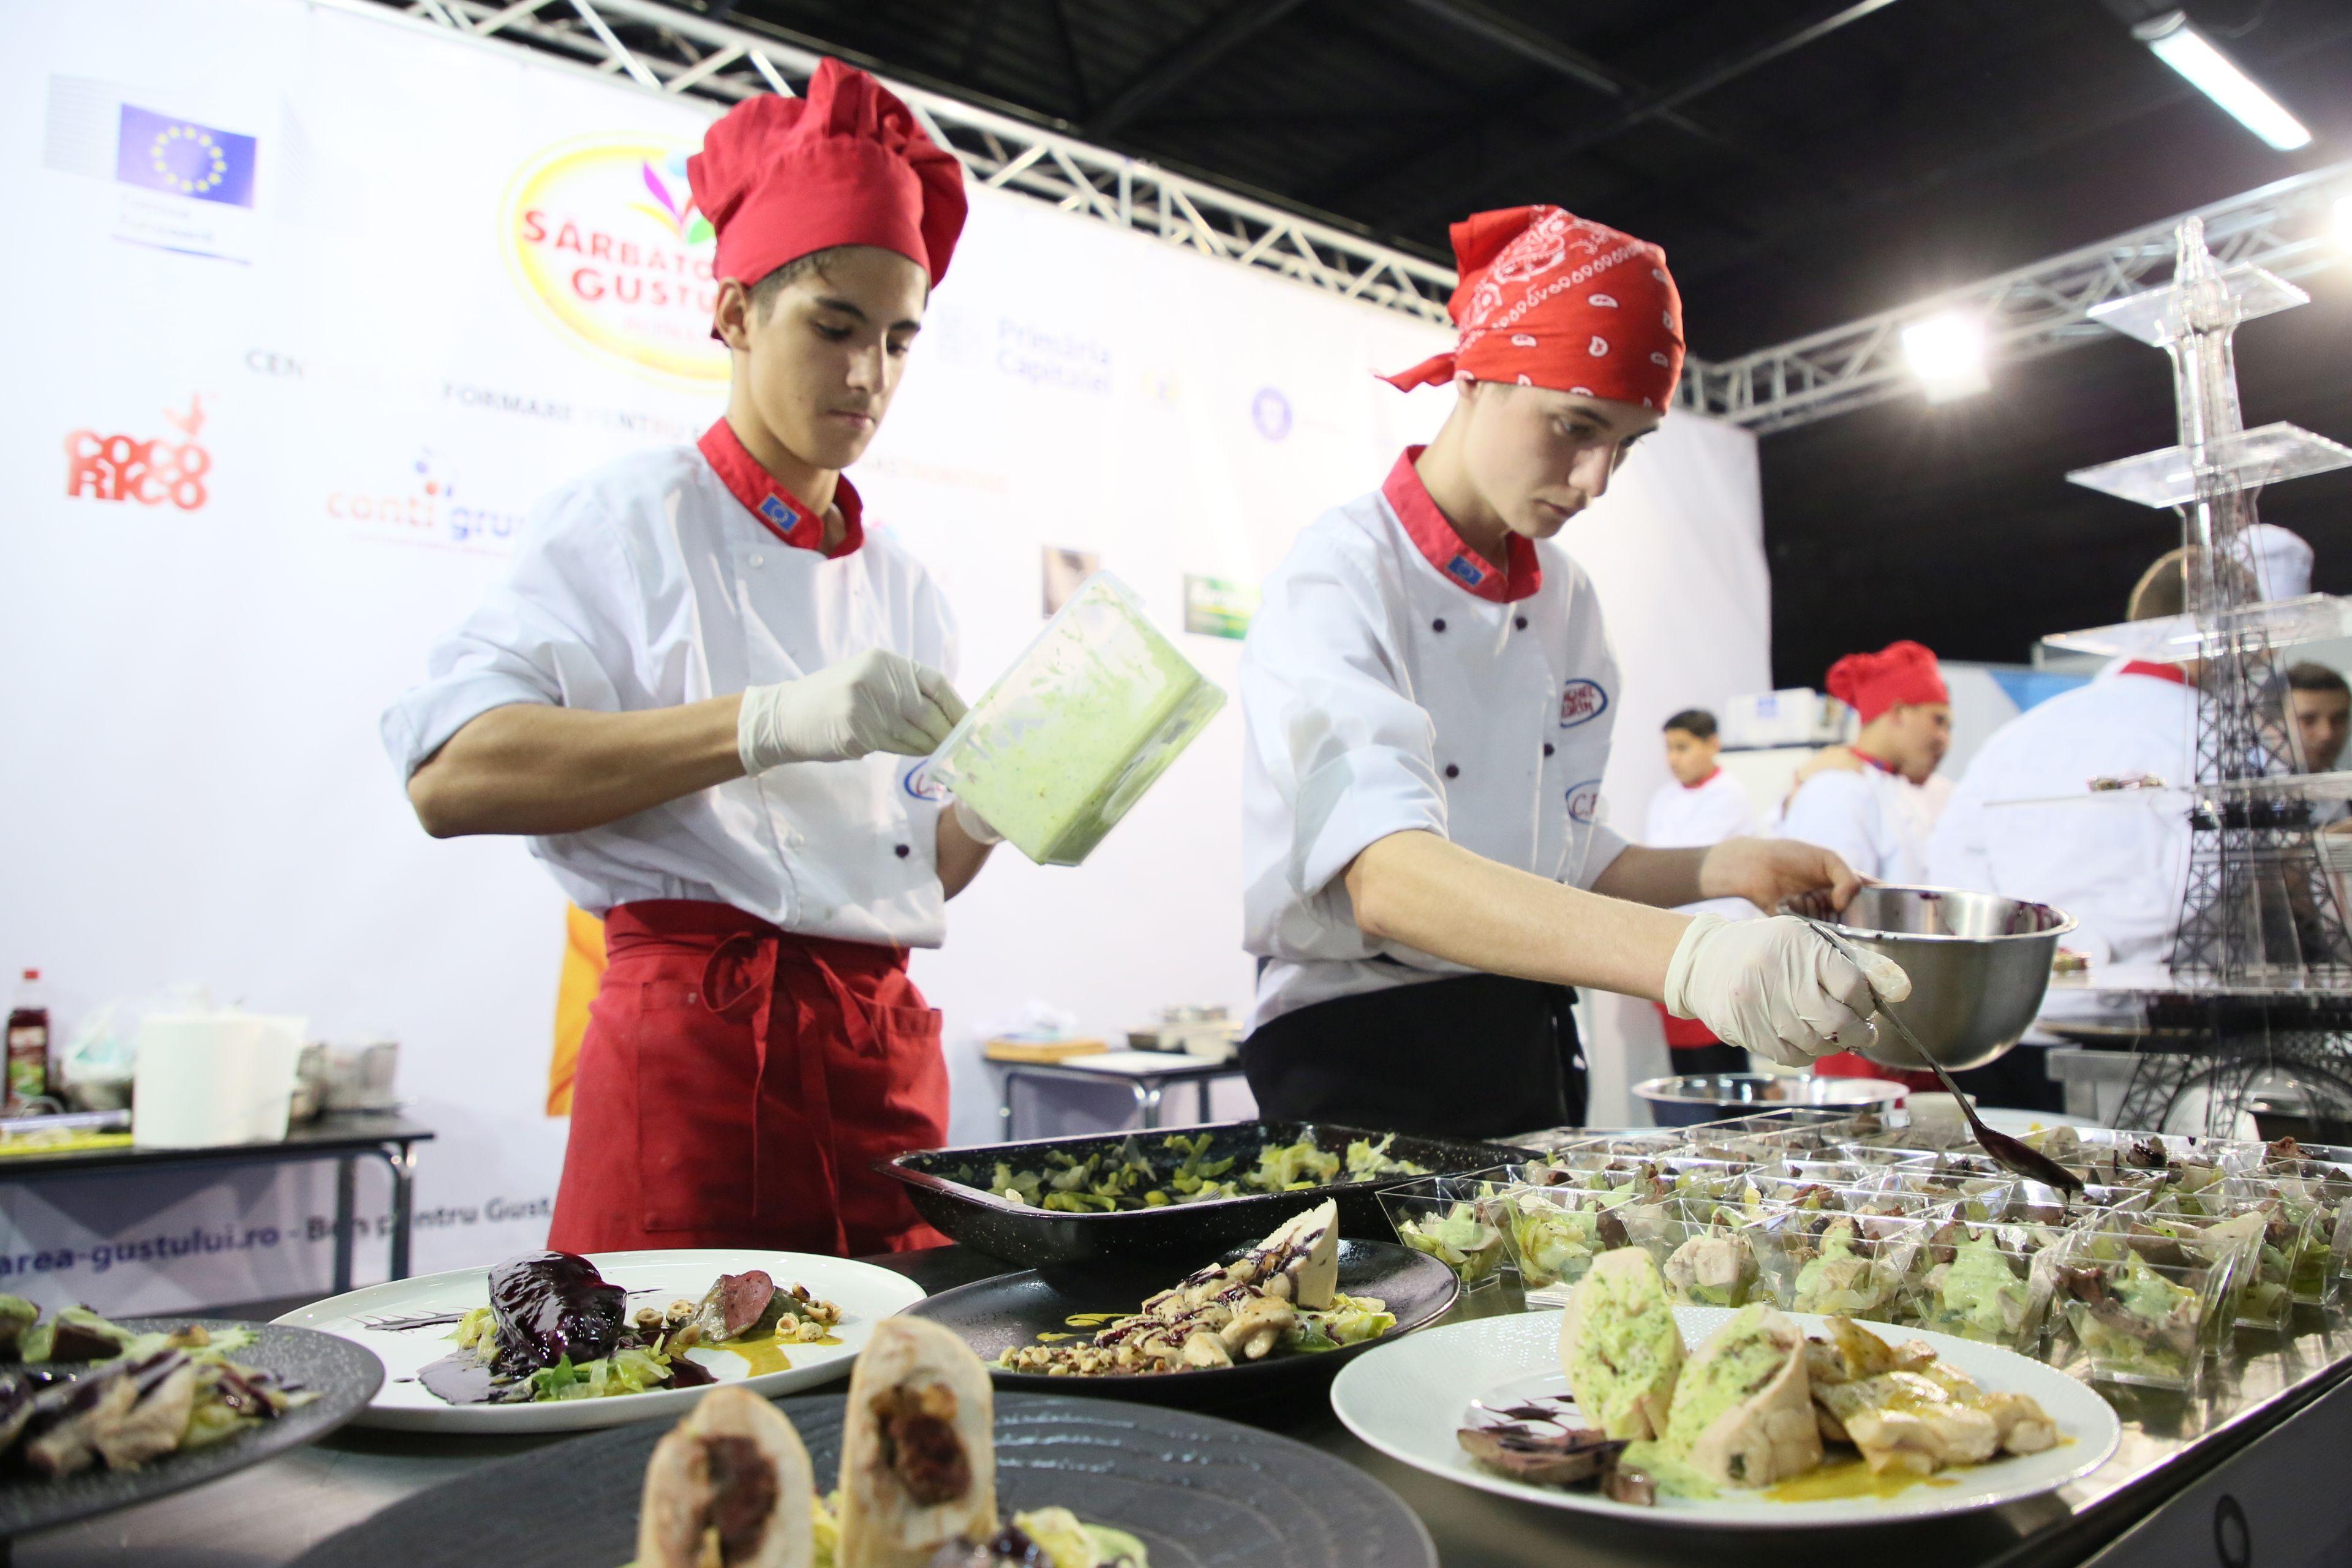 Sarbatoarea_Gustului_Chef_Philippe_Dupre_Master_class_pui_coco_rico_35